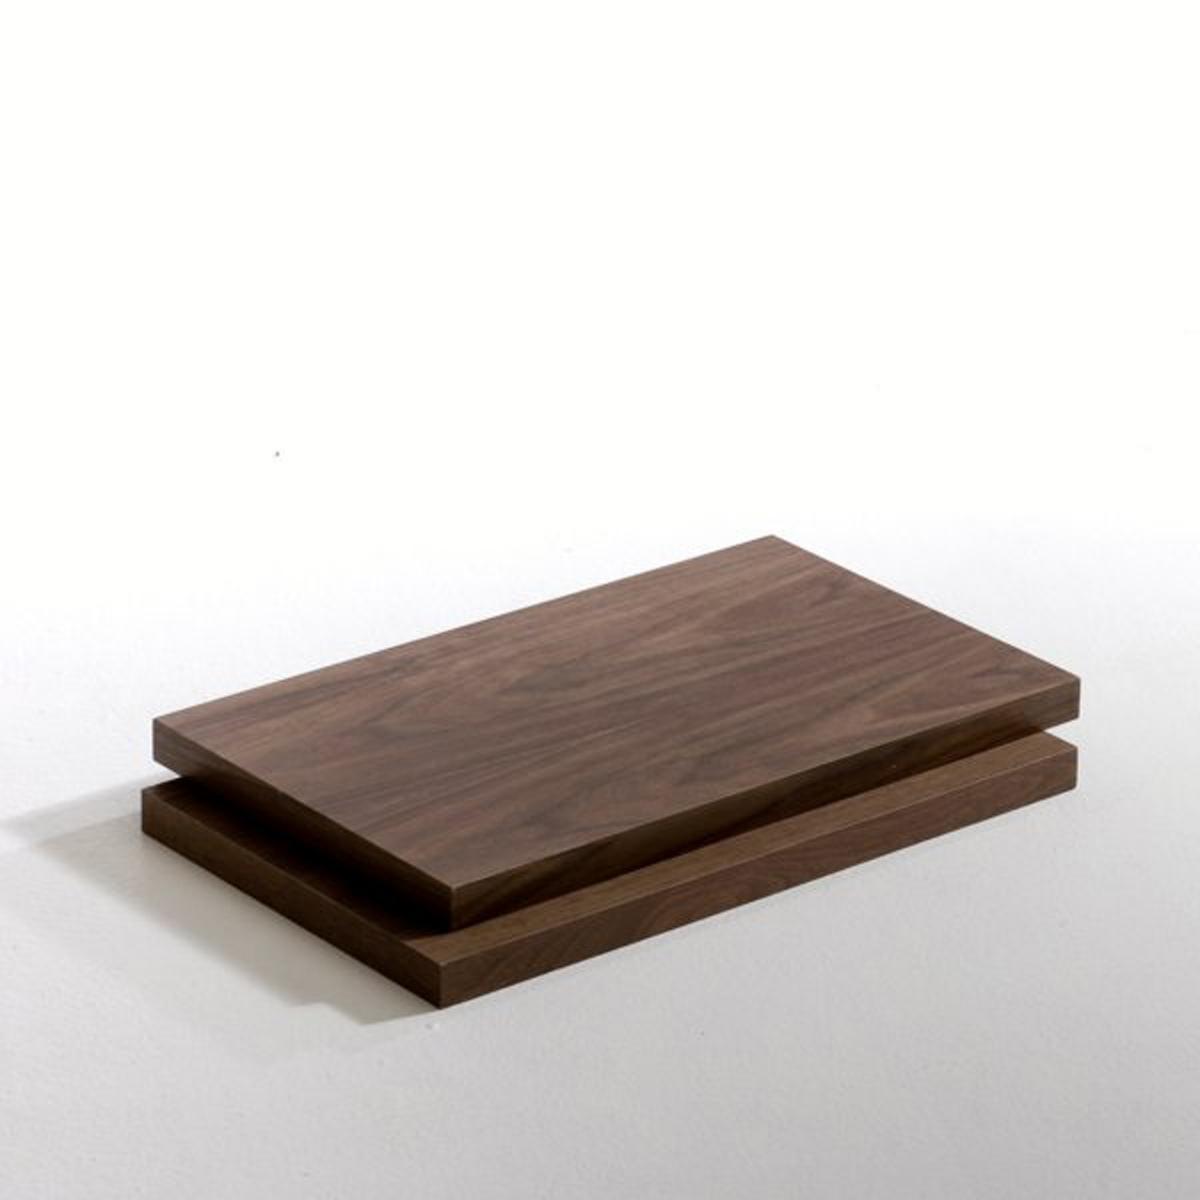 2 полки длиной 60 см орех, TaktikХарактеристики полок:- Из МДФ, покрытого ореховым шпоном. Размеры полок:- Длина: 60 см. - Толщина: 3,5 см.  2 глубины на выбор.- Глубина: 18 см (размер S)- Глубина: 30 см (размер M)<br><br>Цвет: ореховый